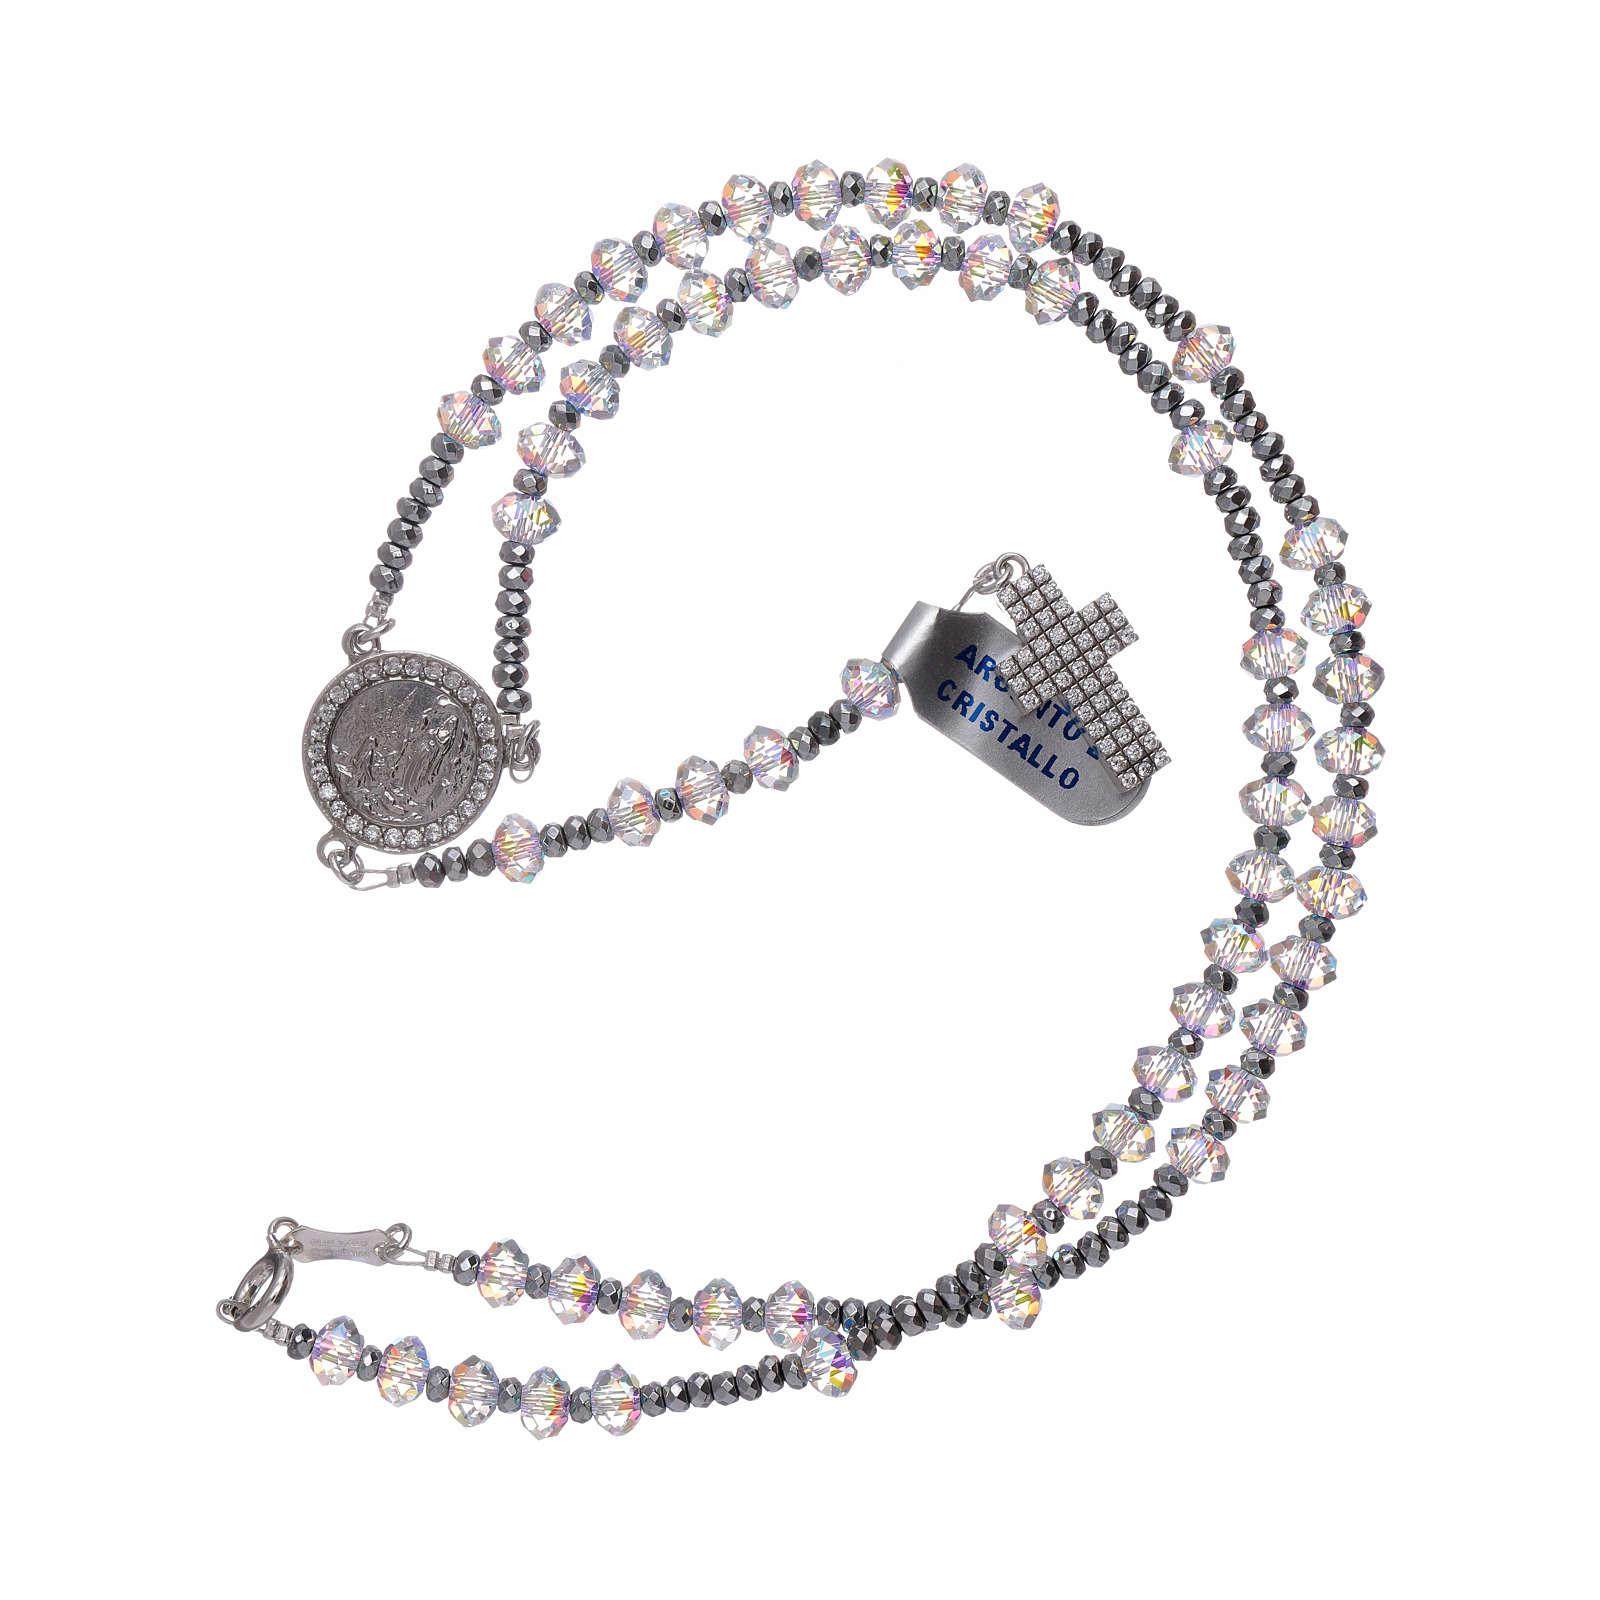 Chapelet cristaux Swarovski à facettes 6 mm argent 925 zircons blancs 4